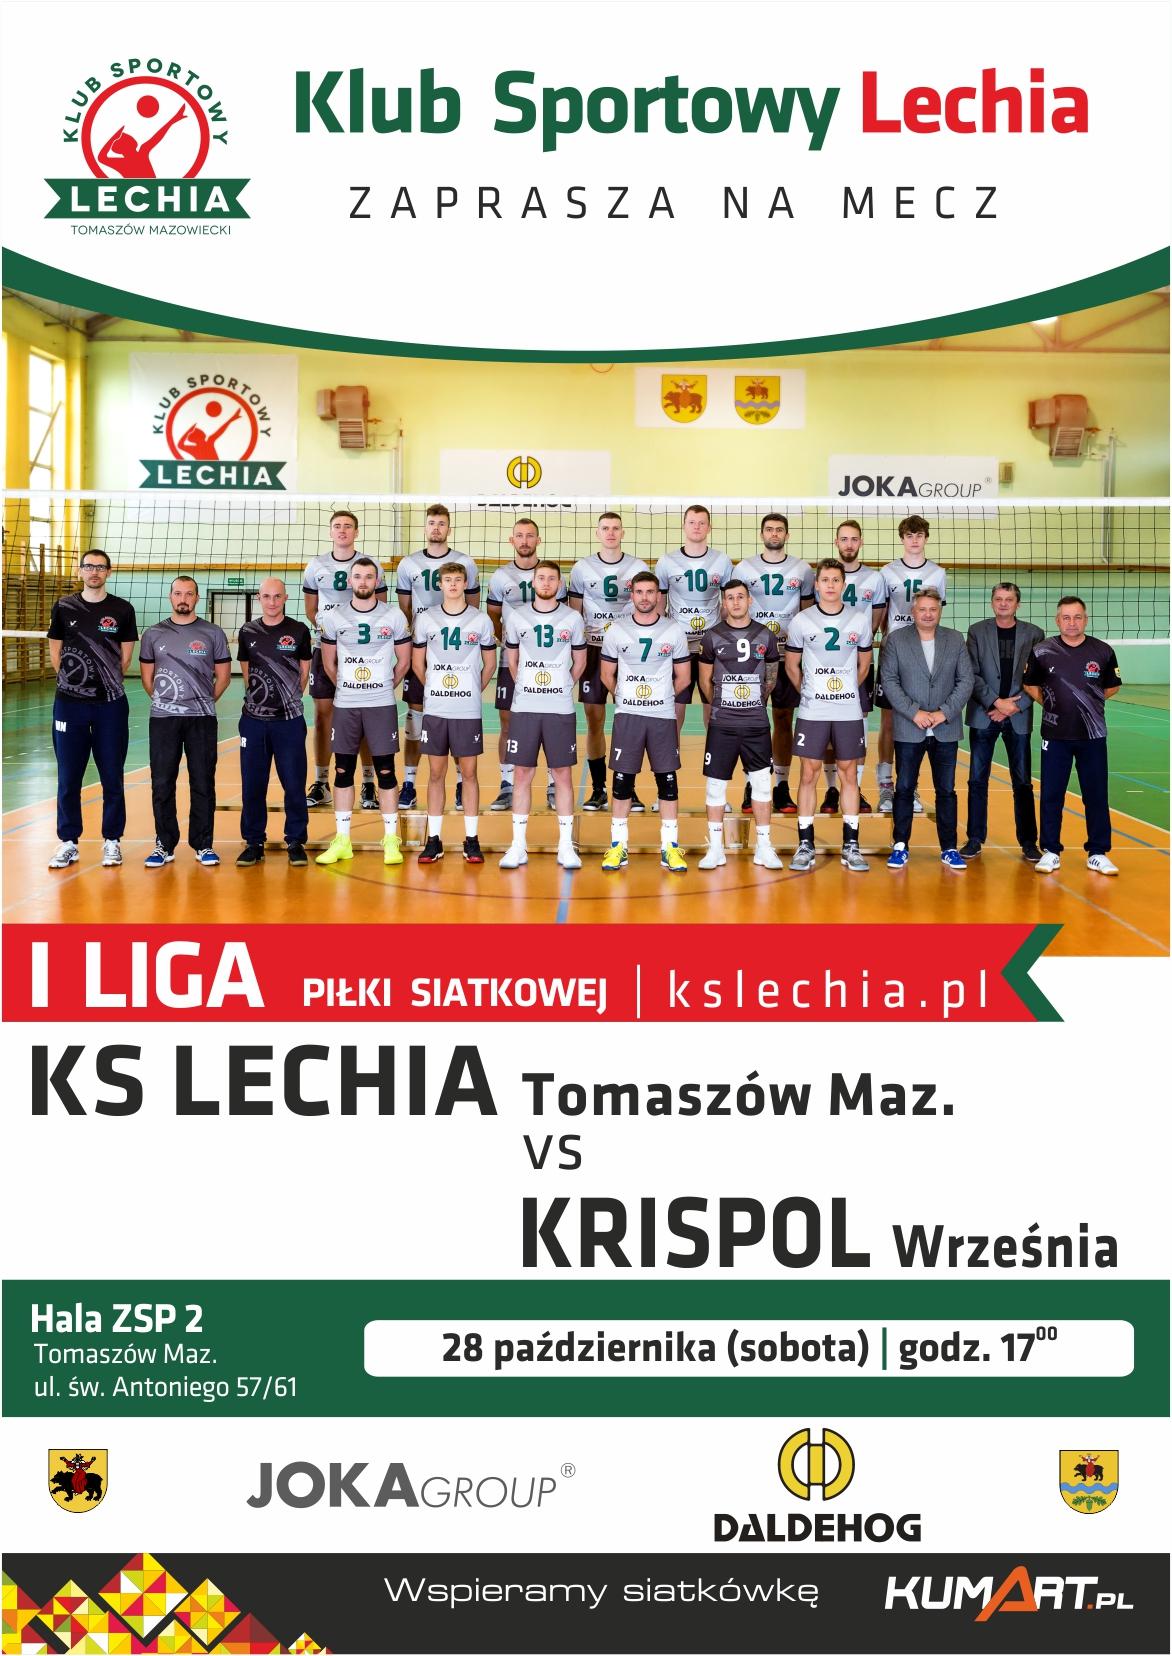 Plakat promujący mecz